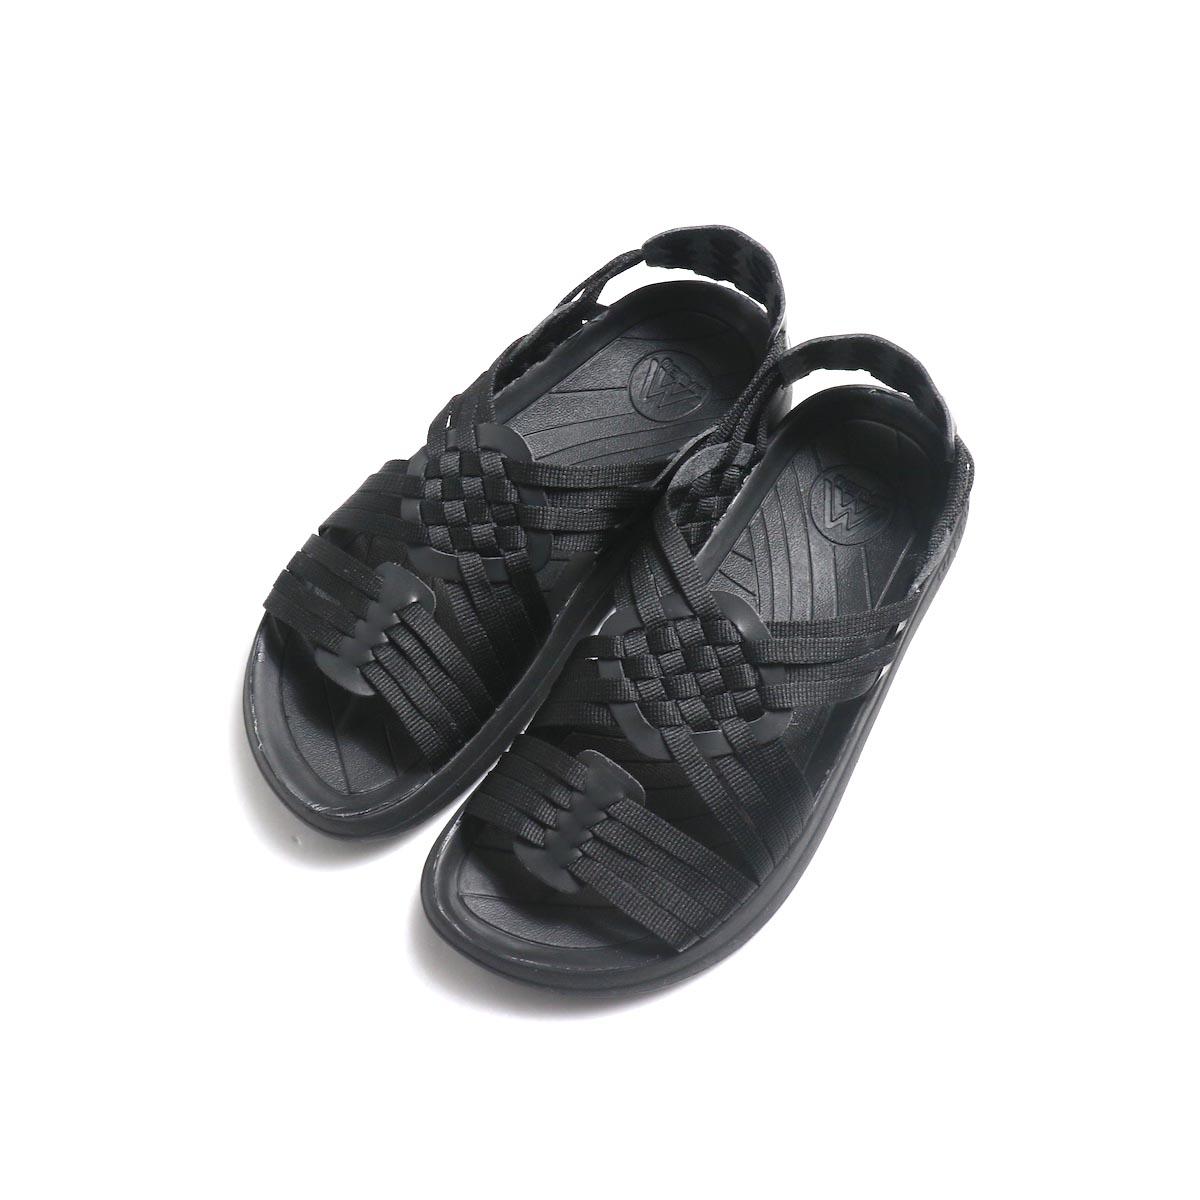 Malibu Sandals / Canyon (Nylon Weave) -Black 正面